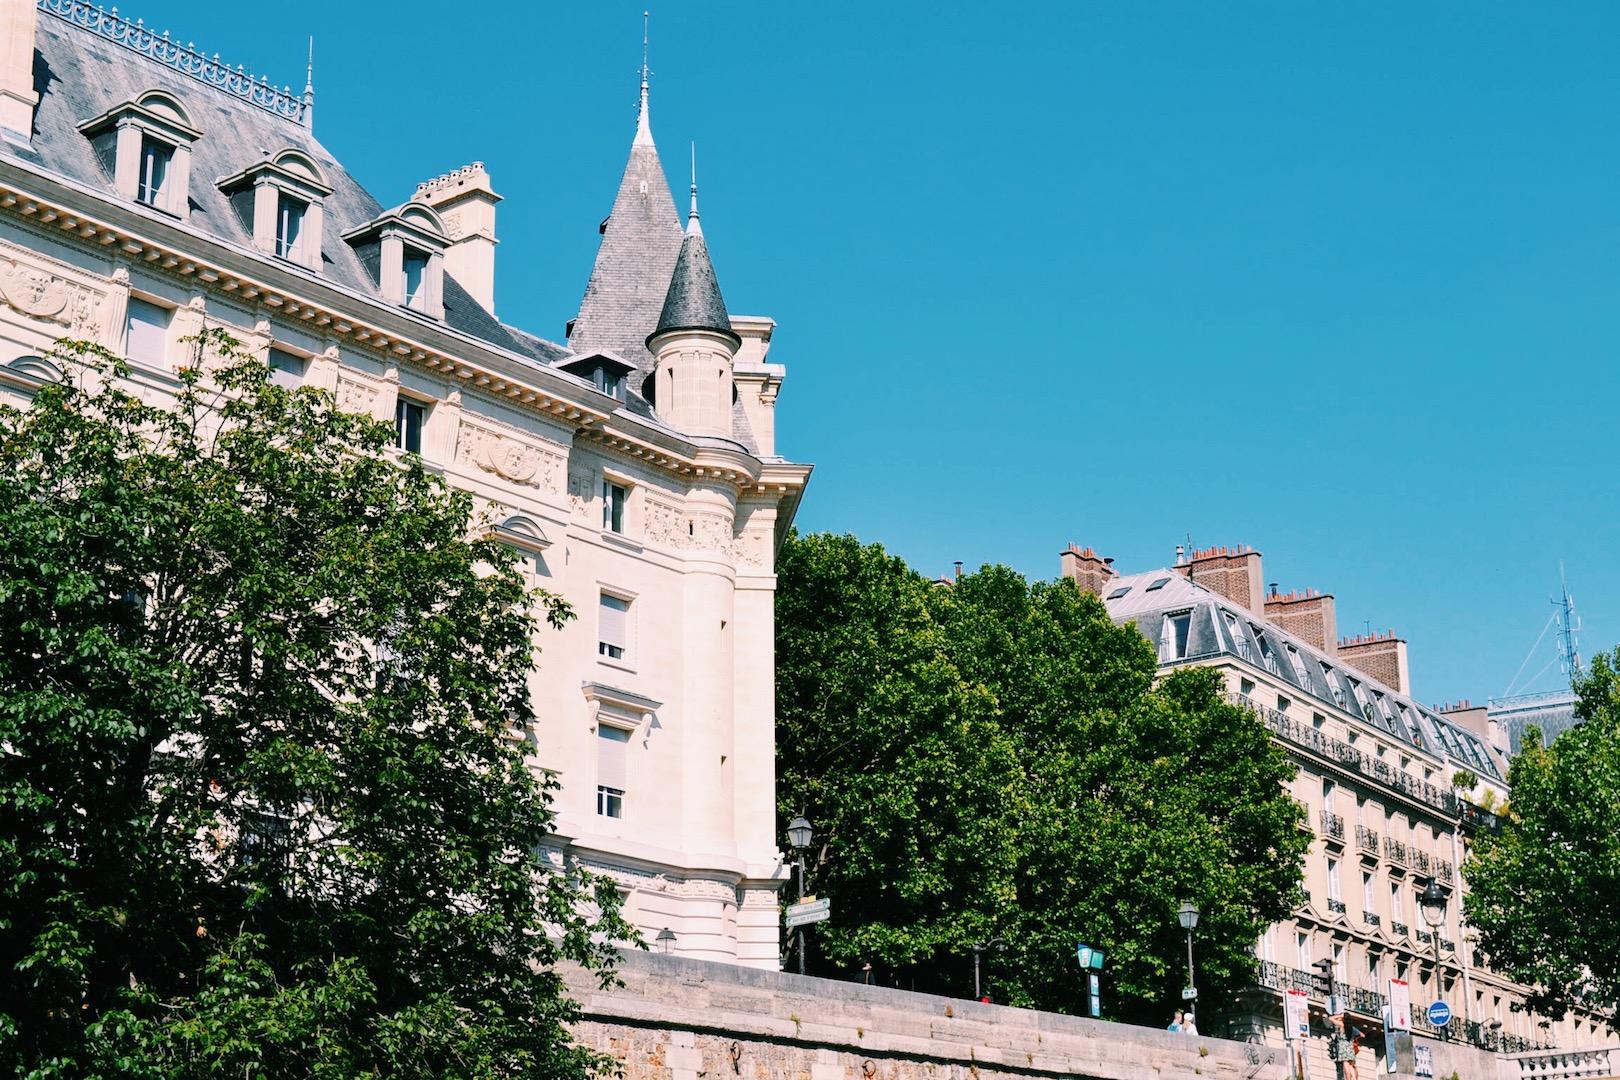 ile-st-louis-paris-france.JPG